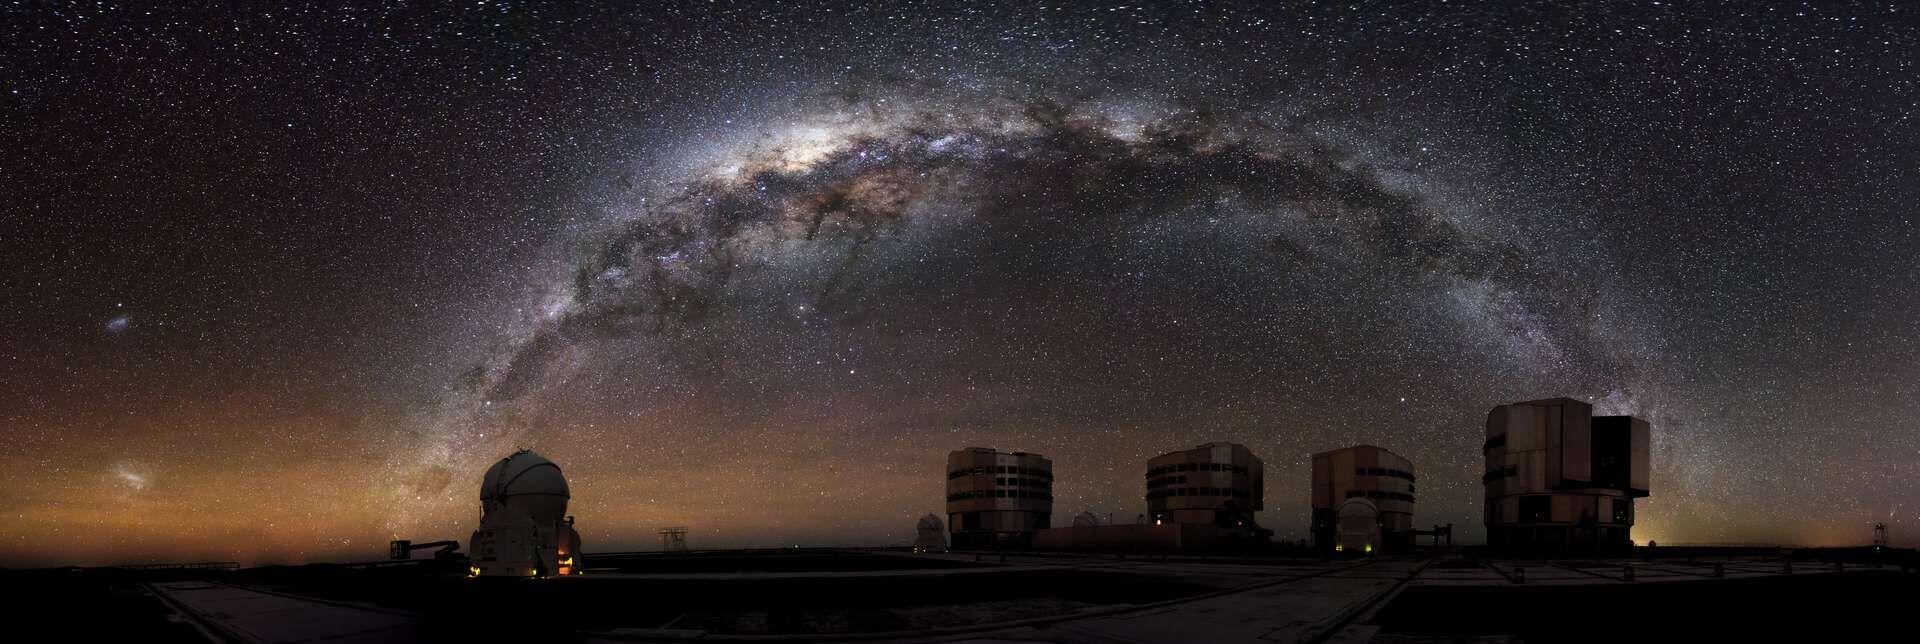 C'est en étudiant d'anciennes données du Dark Energy Survey (DES) -- un programme visant à élucider le mystère de la matière noire -- que des astronomes ont mis la main sur C/2014 UN271.